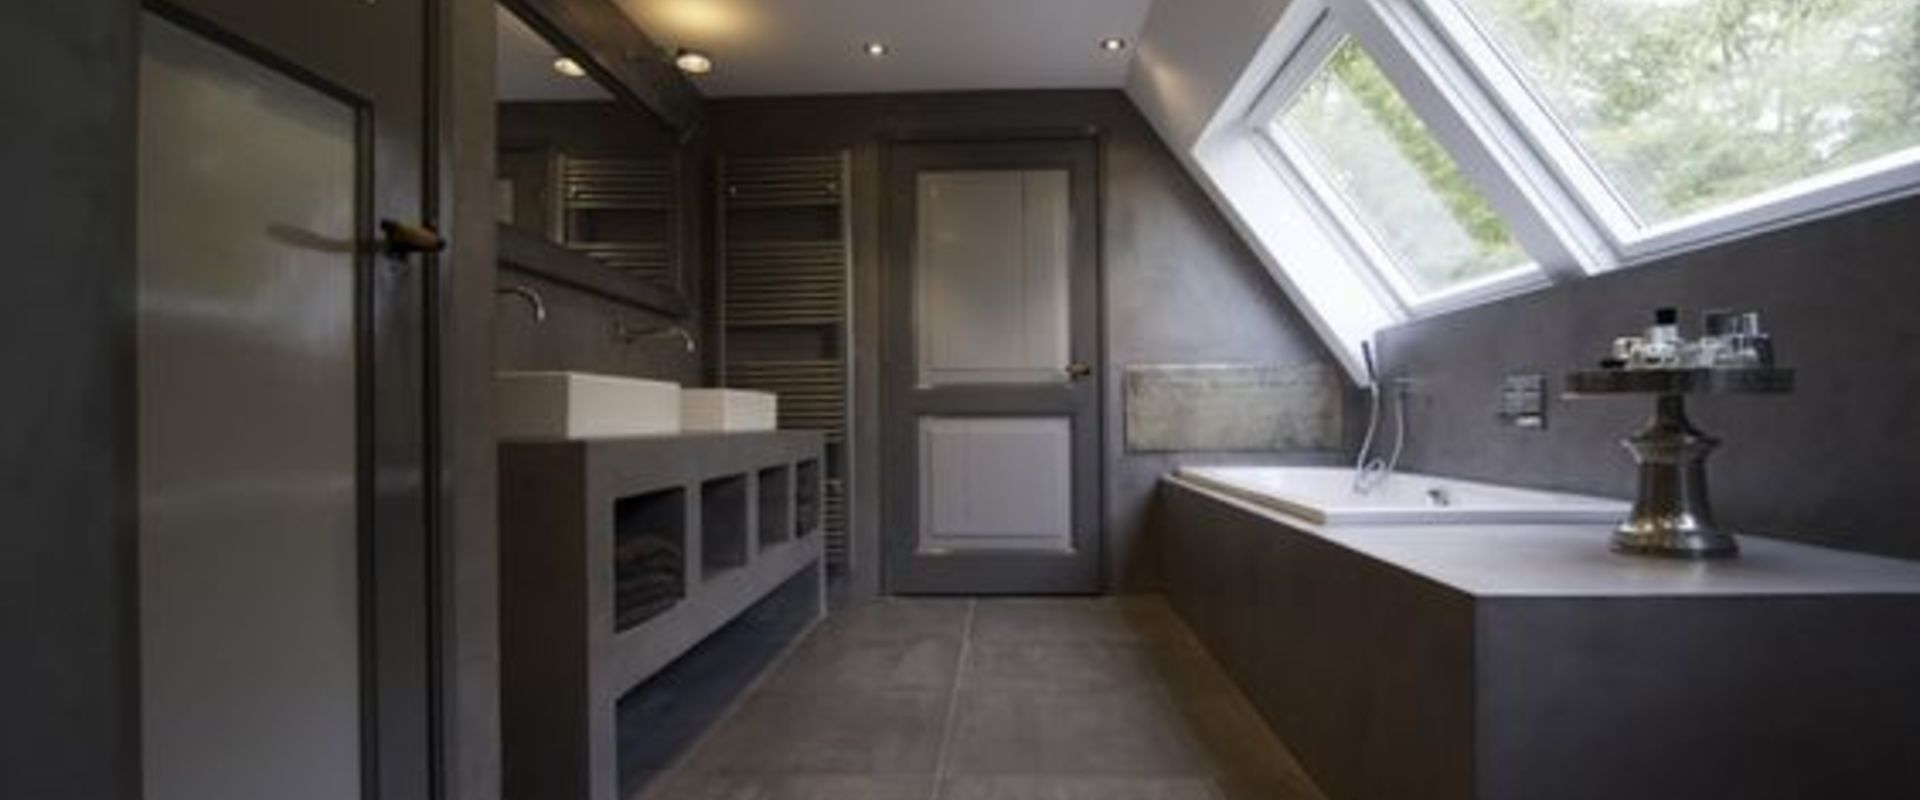 Super Badkamer met schuin dak - Wooning #MZ15